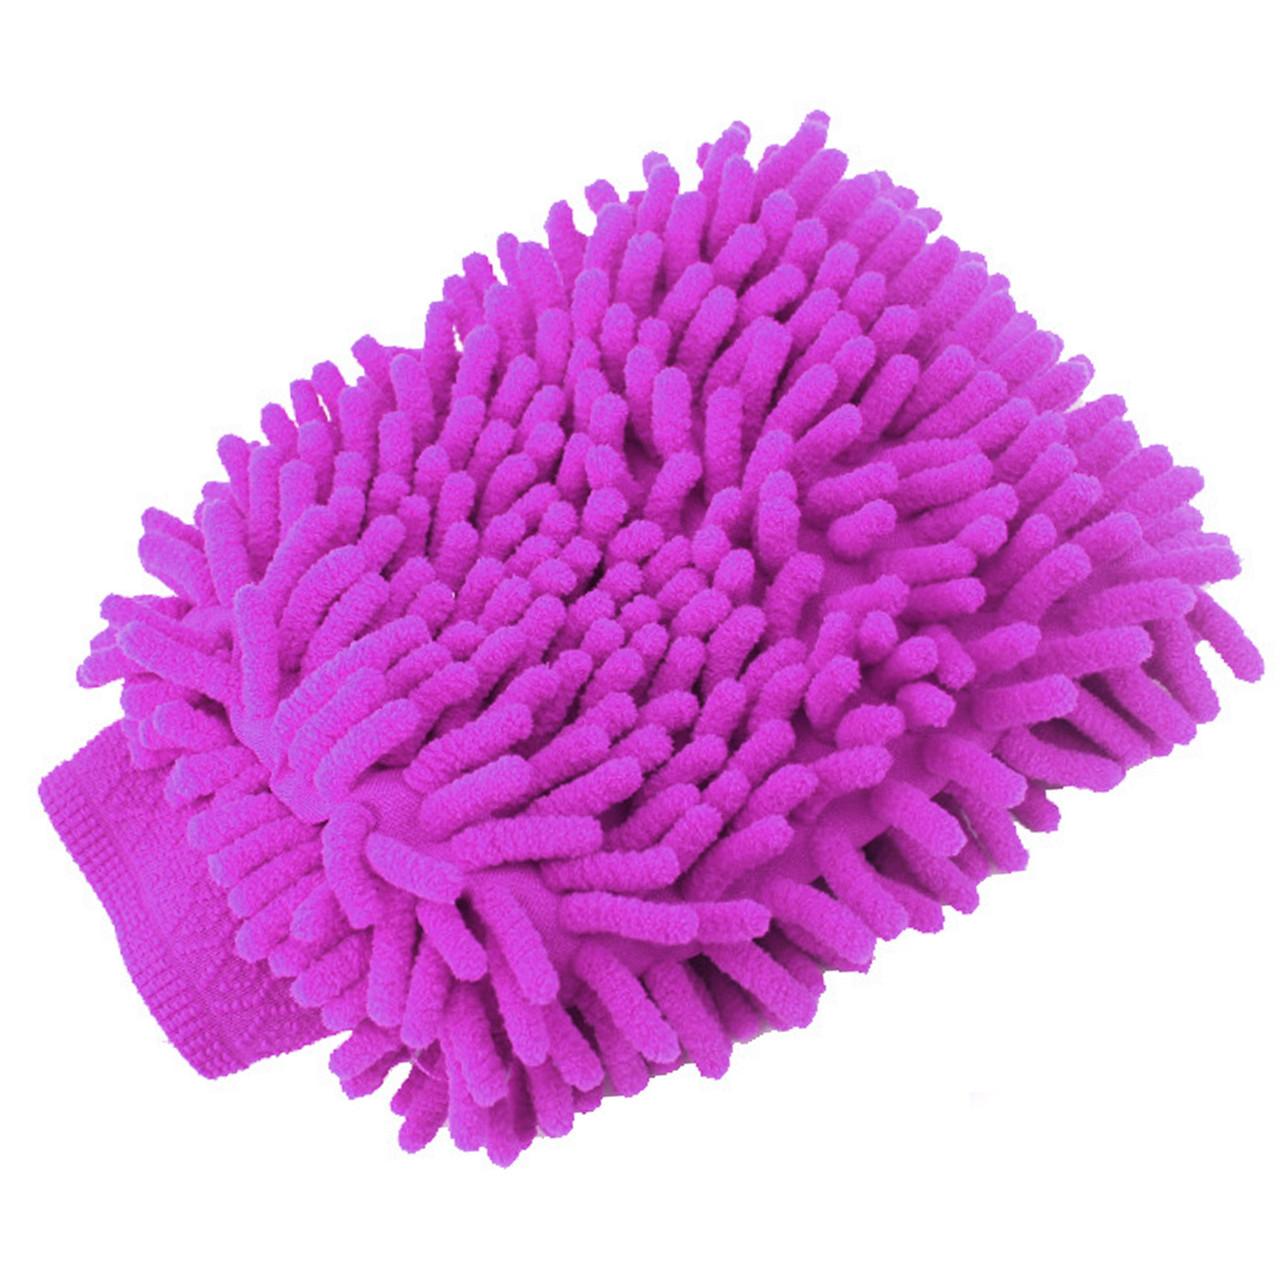 Рукавица Lesko 45-2A/008 розовая для влажной сухой уборки и мойки автомобиля кухни комнаты универсальная